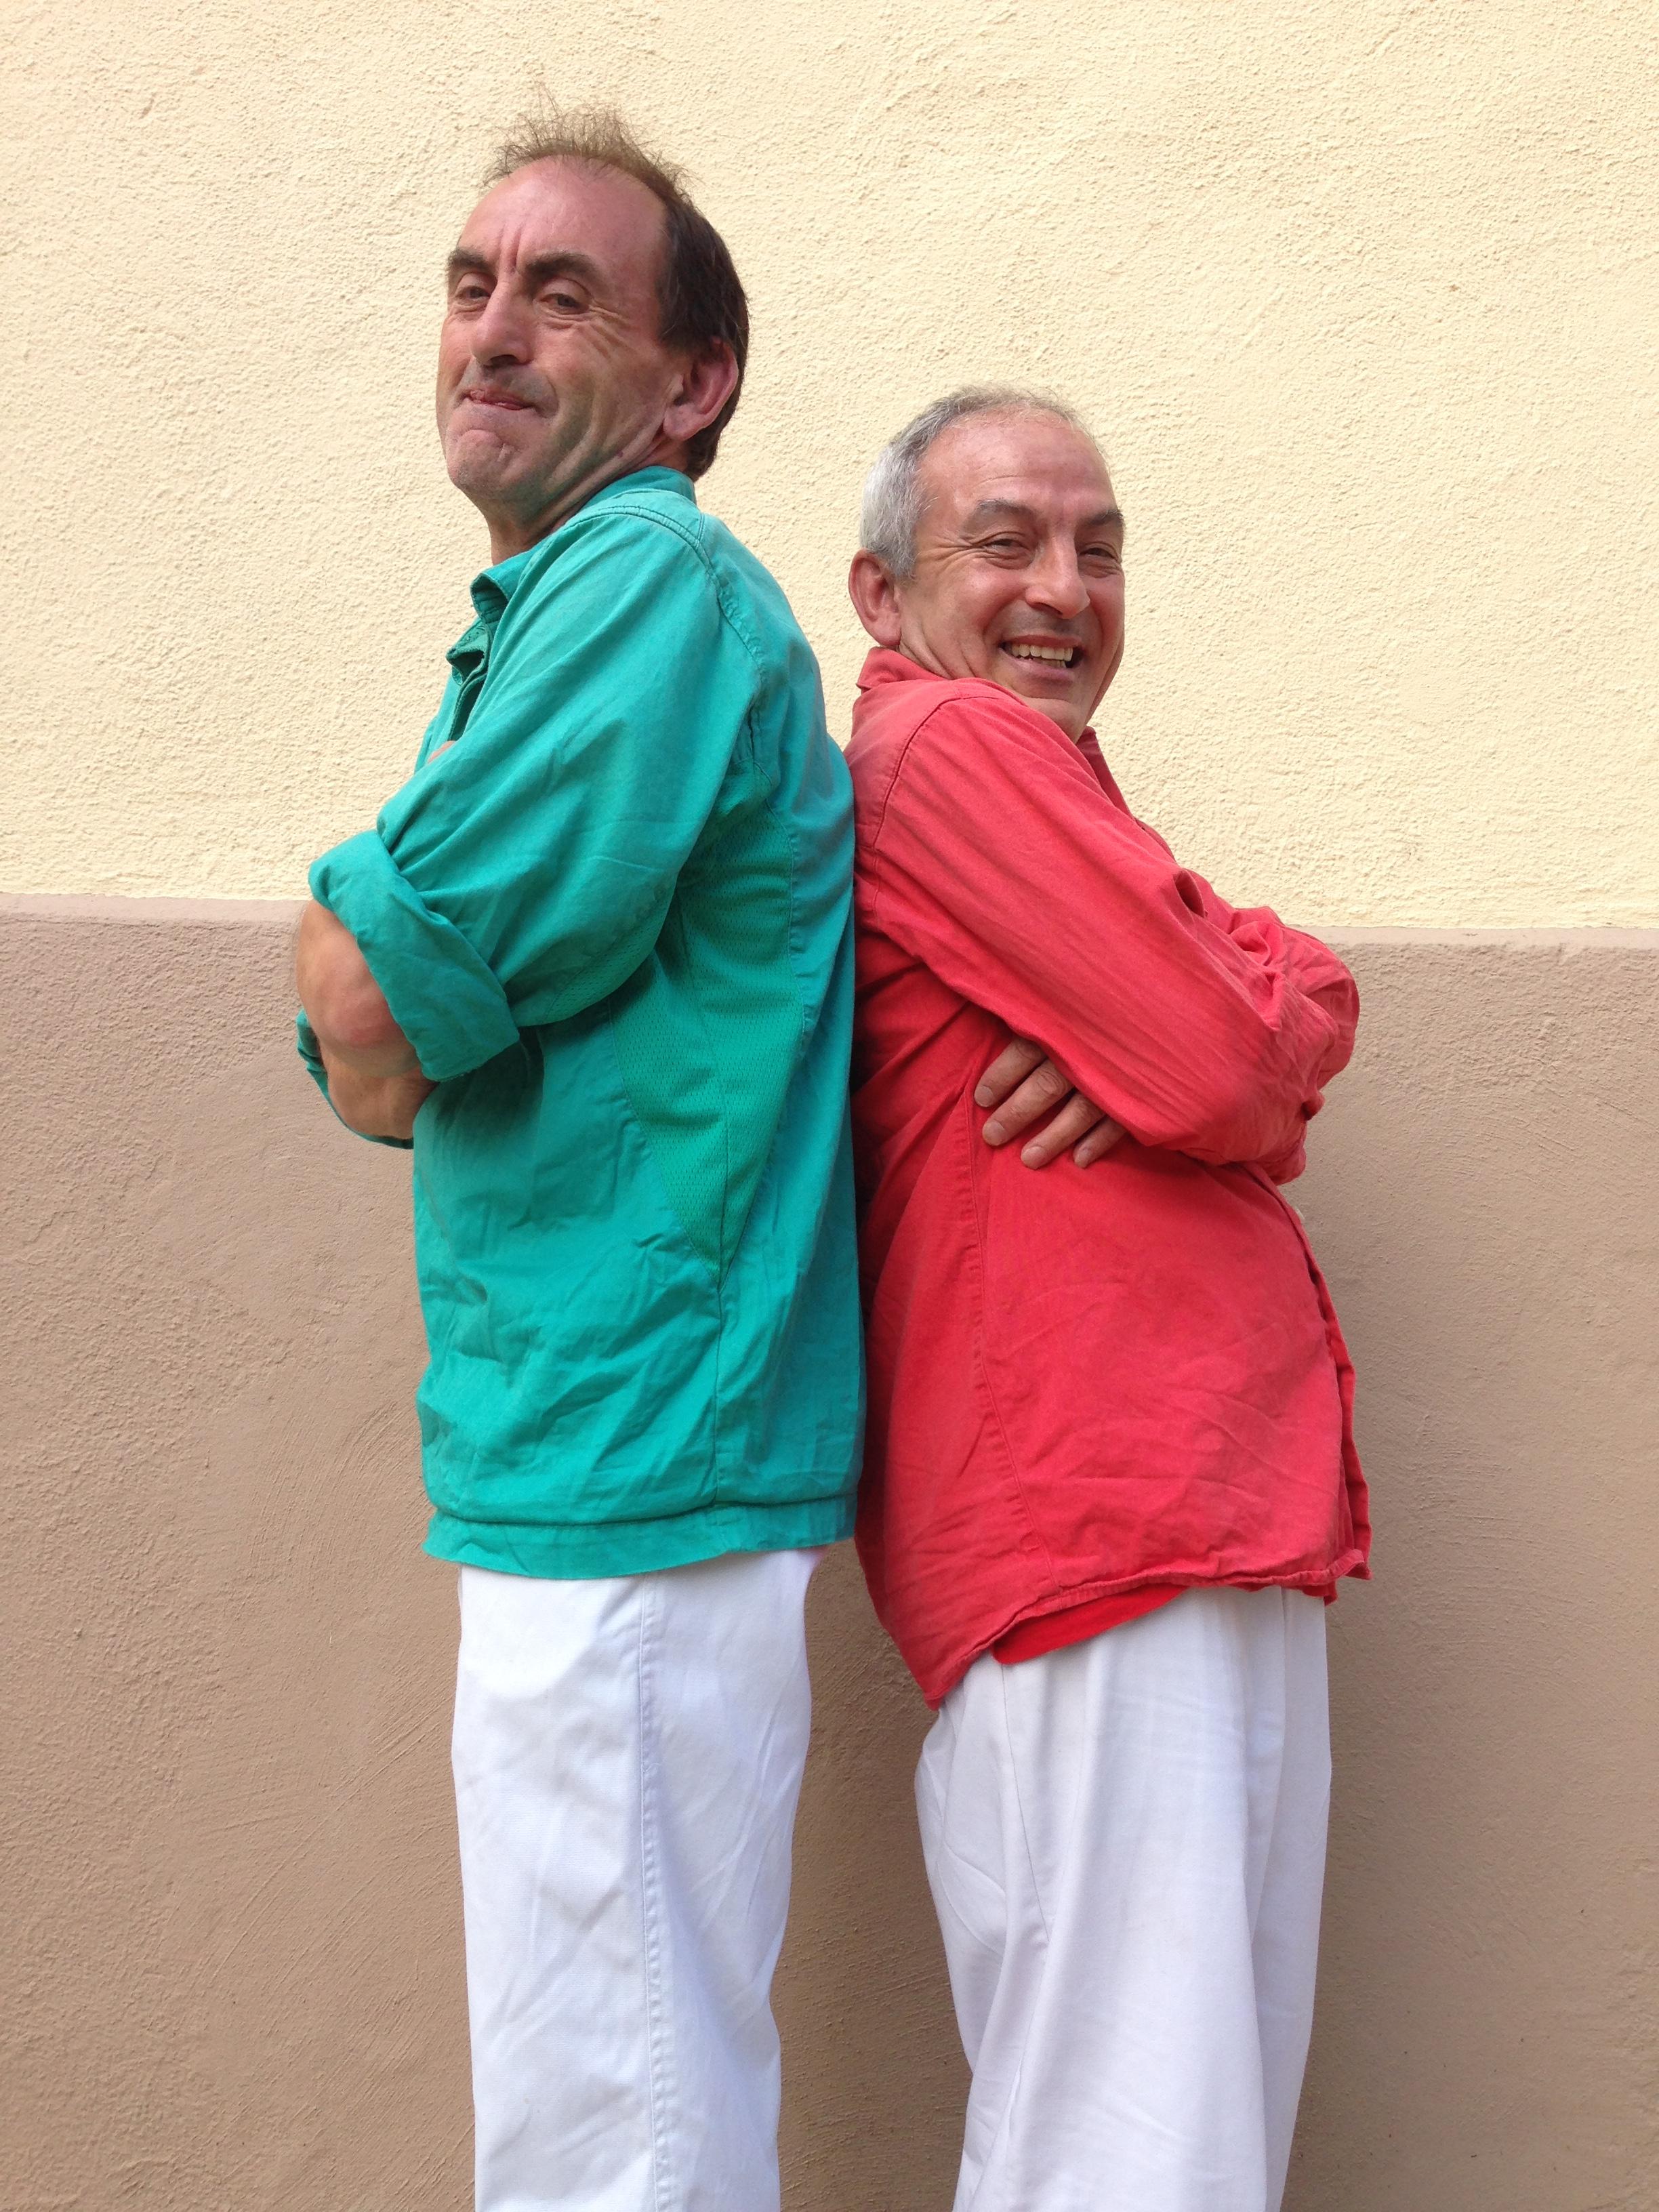 Juan i Serafin germans castellers